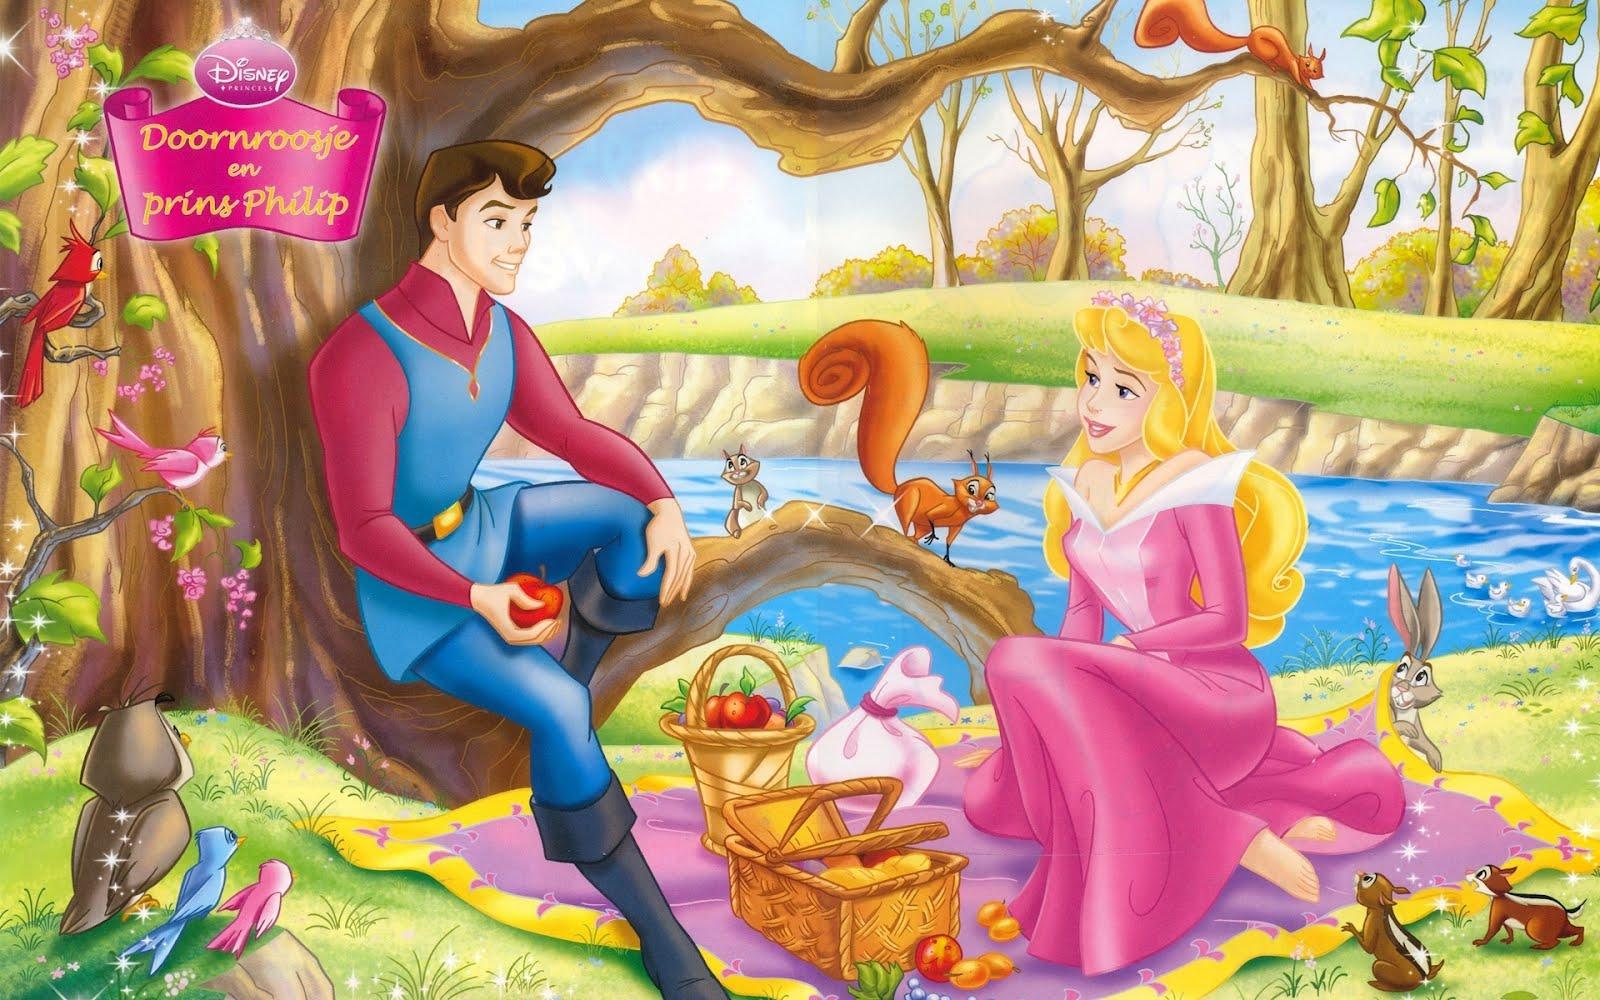 http://3.bp.blogspot.com/-Y-ZQMexdzhE/UAqyFxd_YQI/AAAAAAAAAEw/uTYf83T3I8I/s1600/Princess-Aurora-Wallpaper.jpg